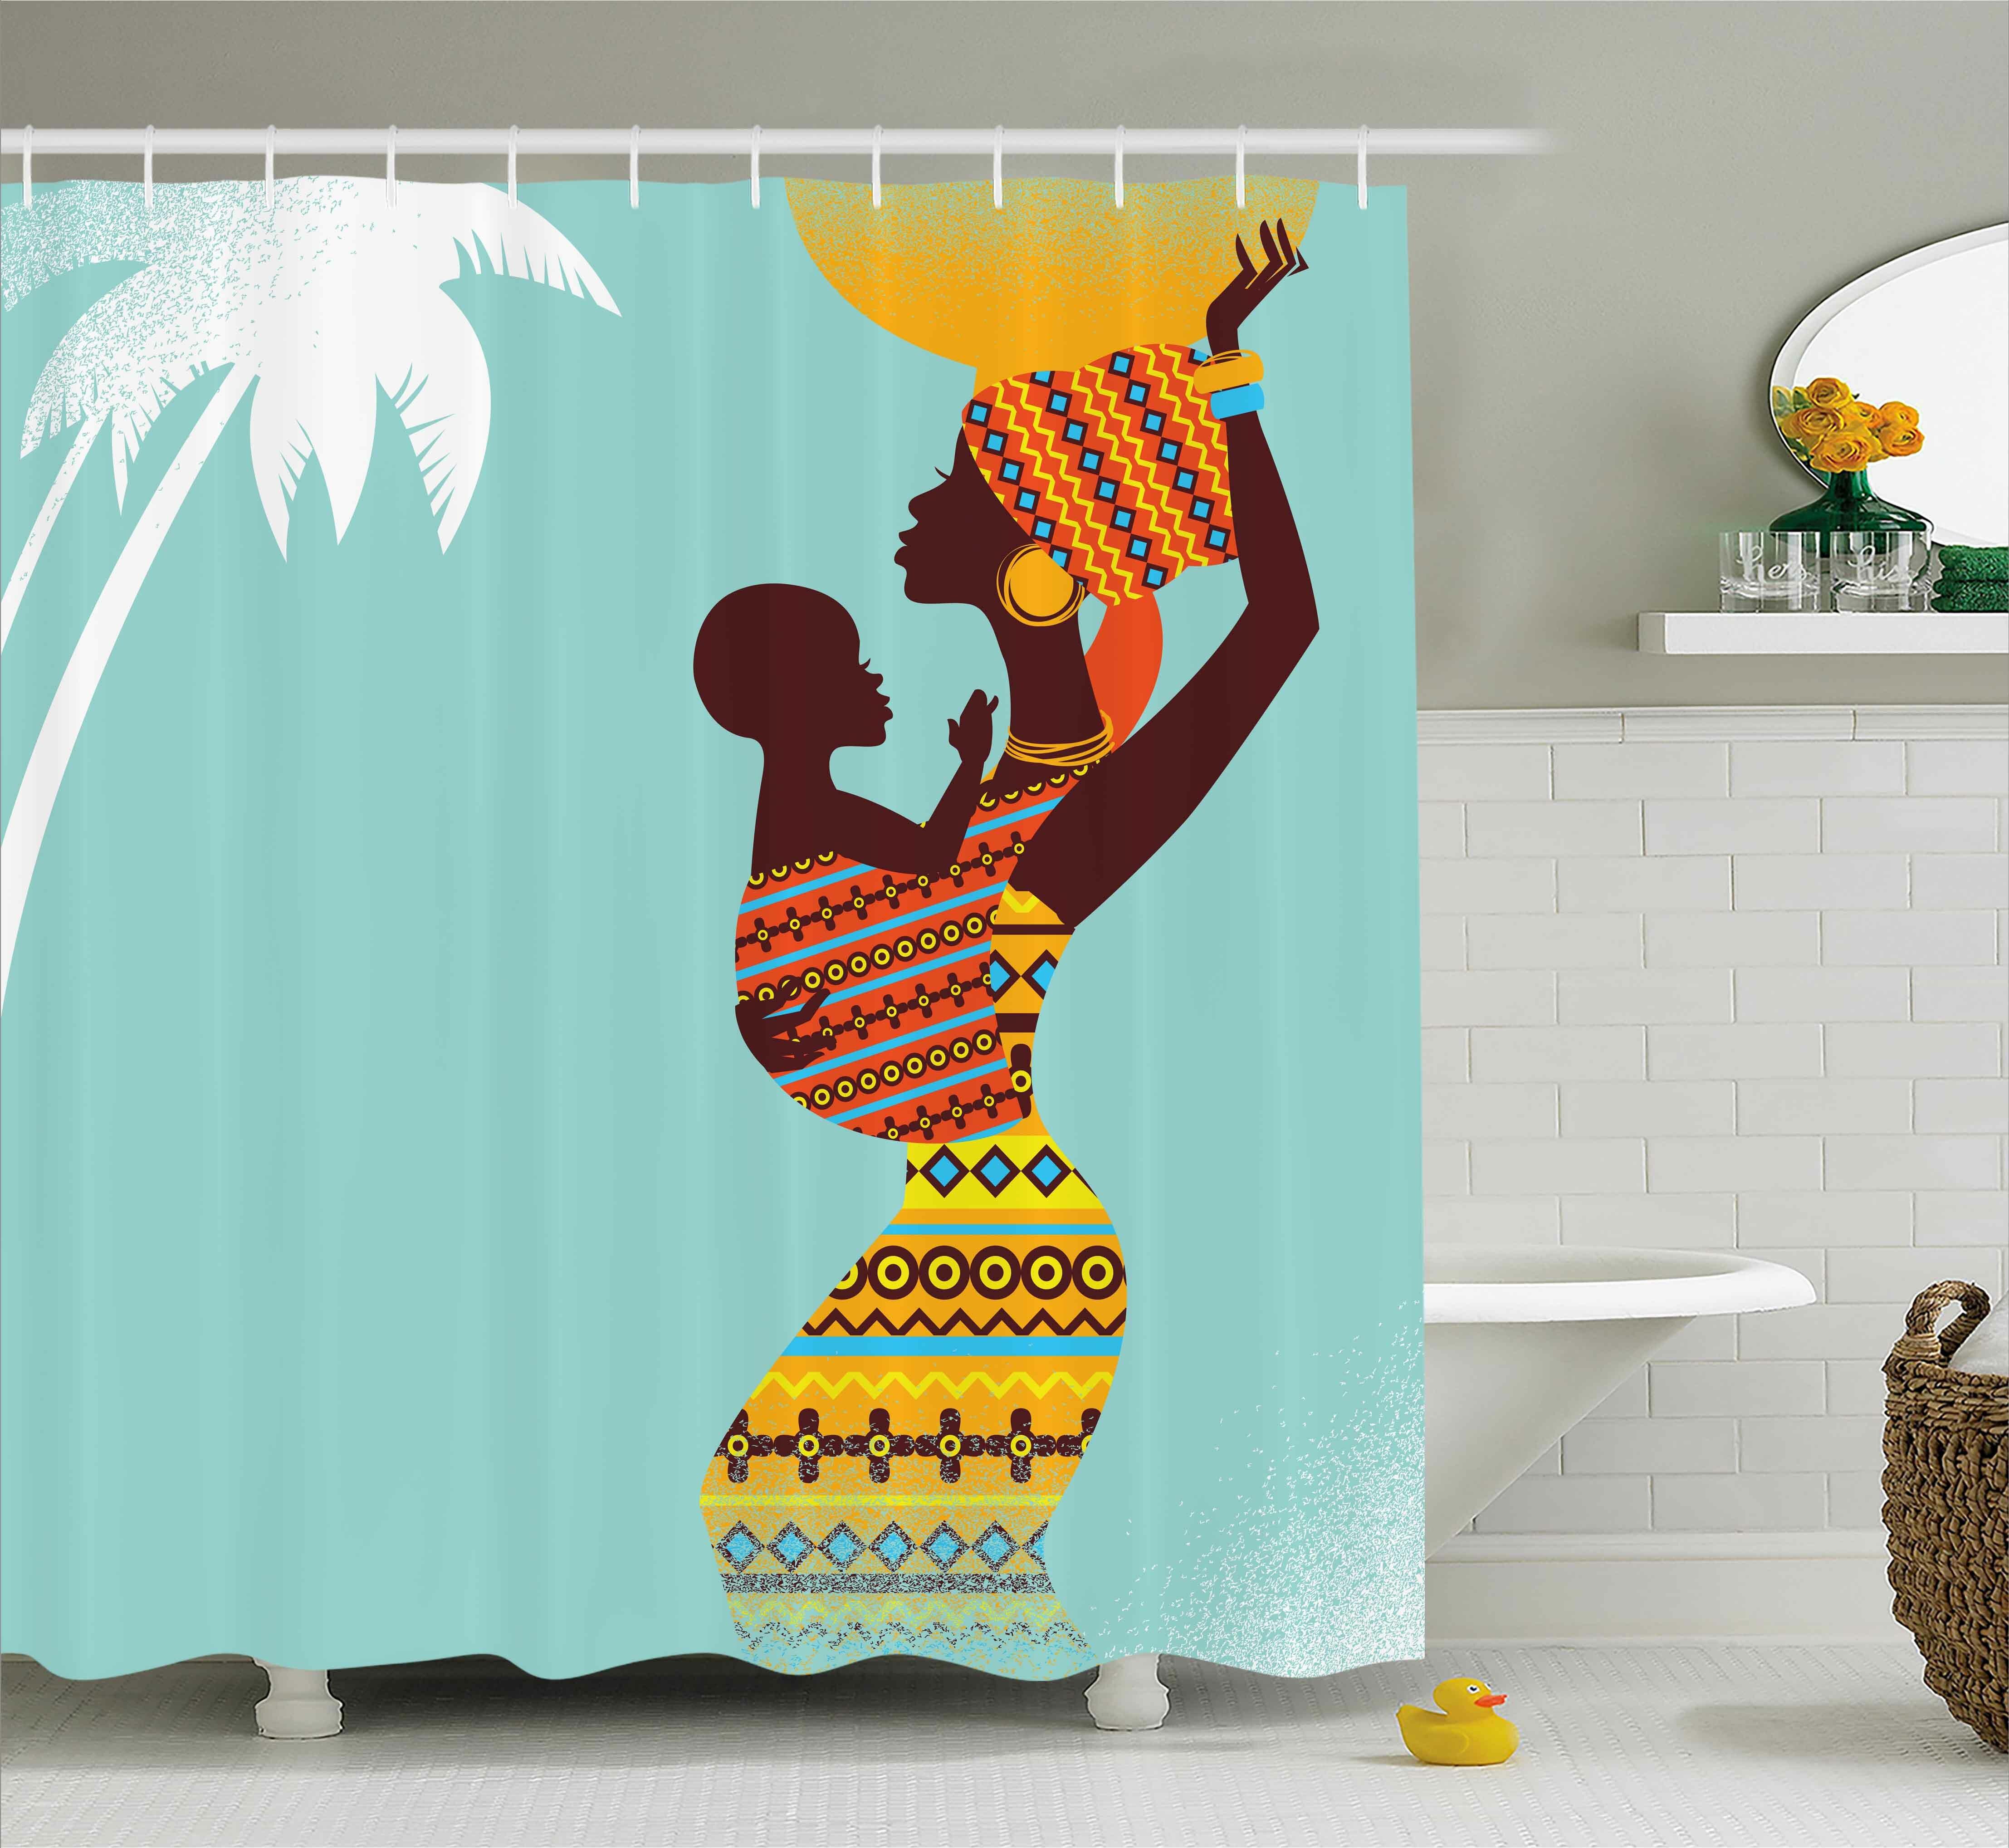 African Rideau de douche Aboriginal filles art imprimé pour salle de bain